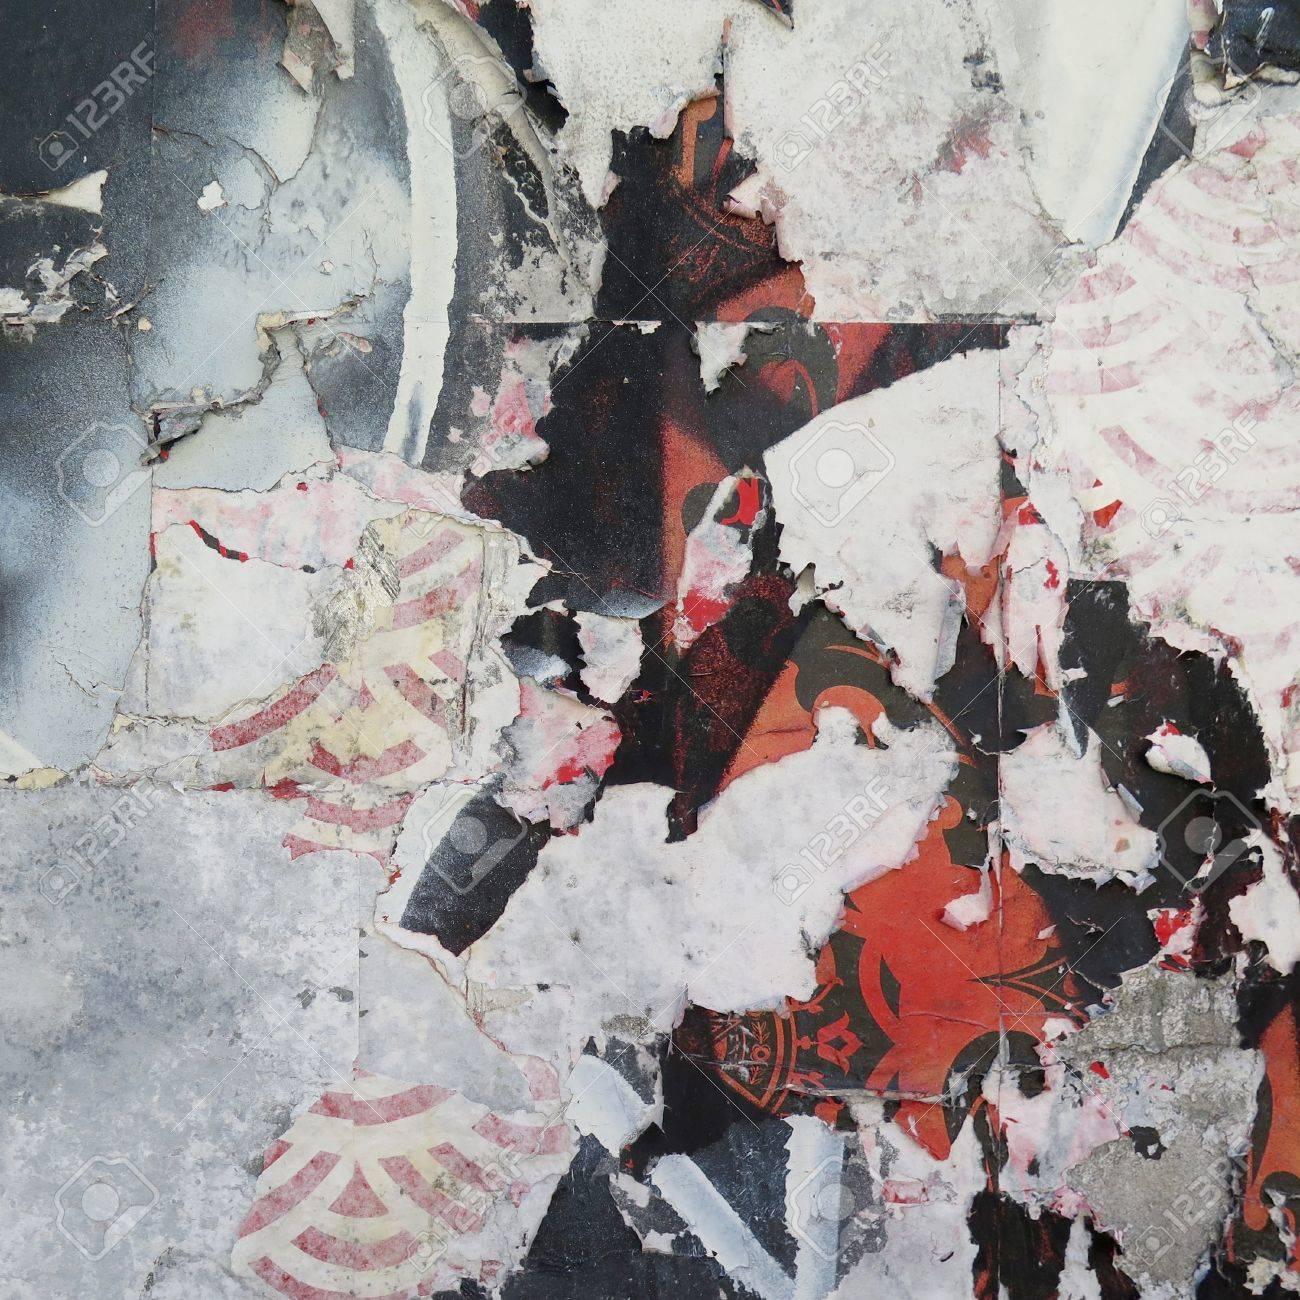 Mur De Vieillissement La Peinture écaillée Avec Colorées Abstraites Motif